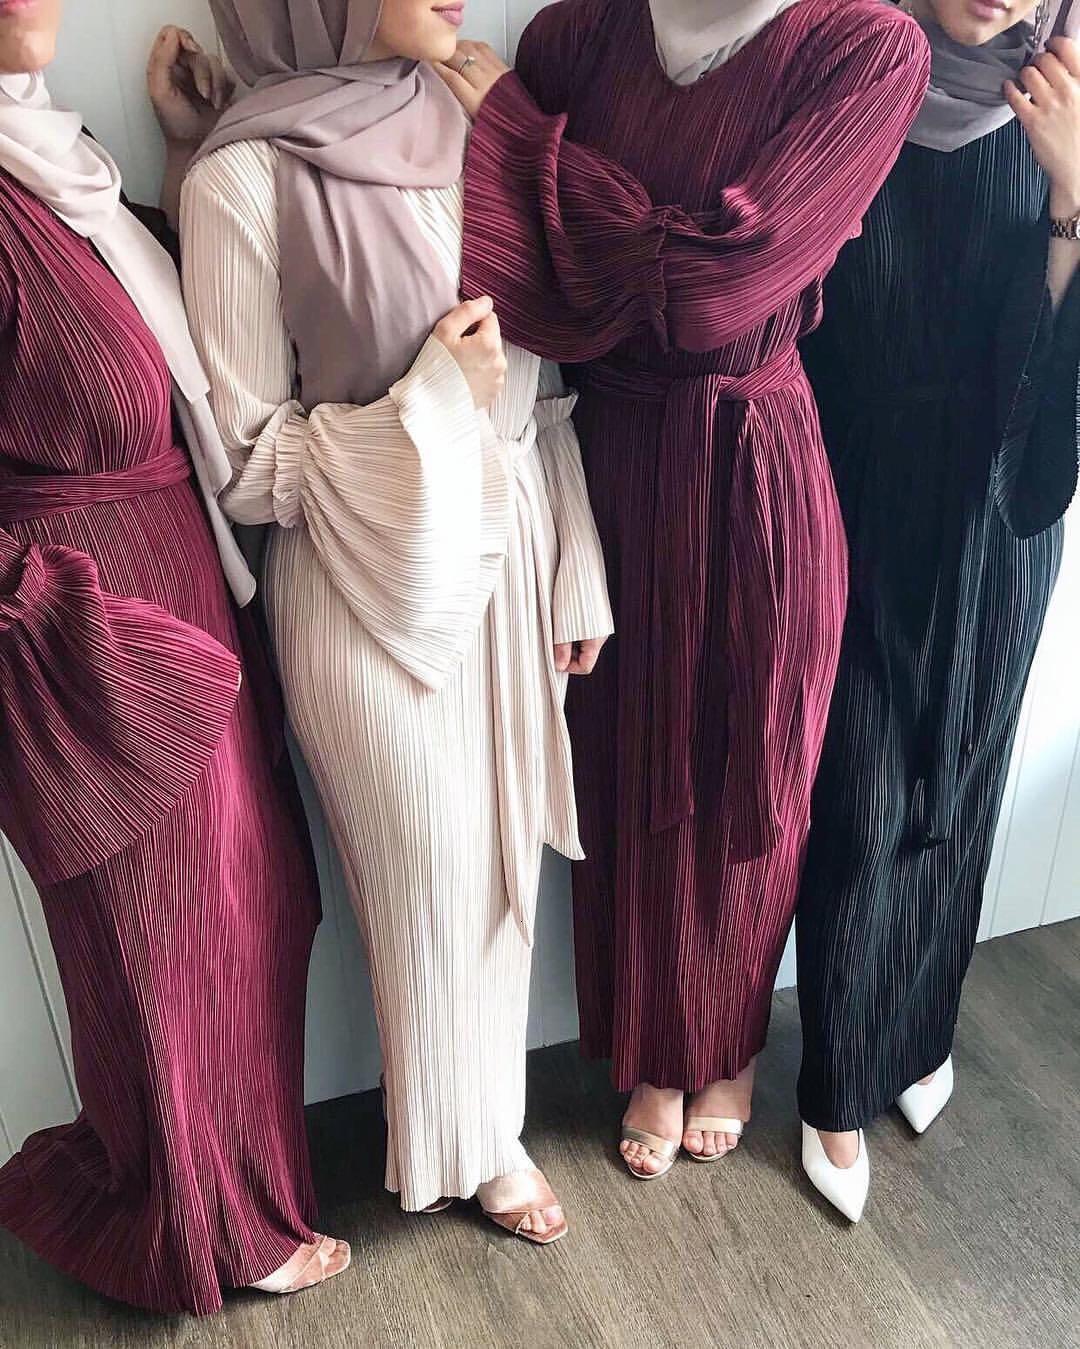 Kadınlar Pileli Müslüman Robe Ince Kemer Abaya Bell Kol Maxi Kaftan Kıyafeti Moda Kokteyl Parti Elbise Arap İslam Clo 4J73